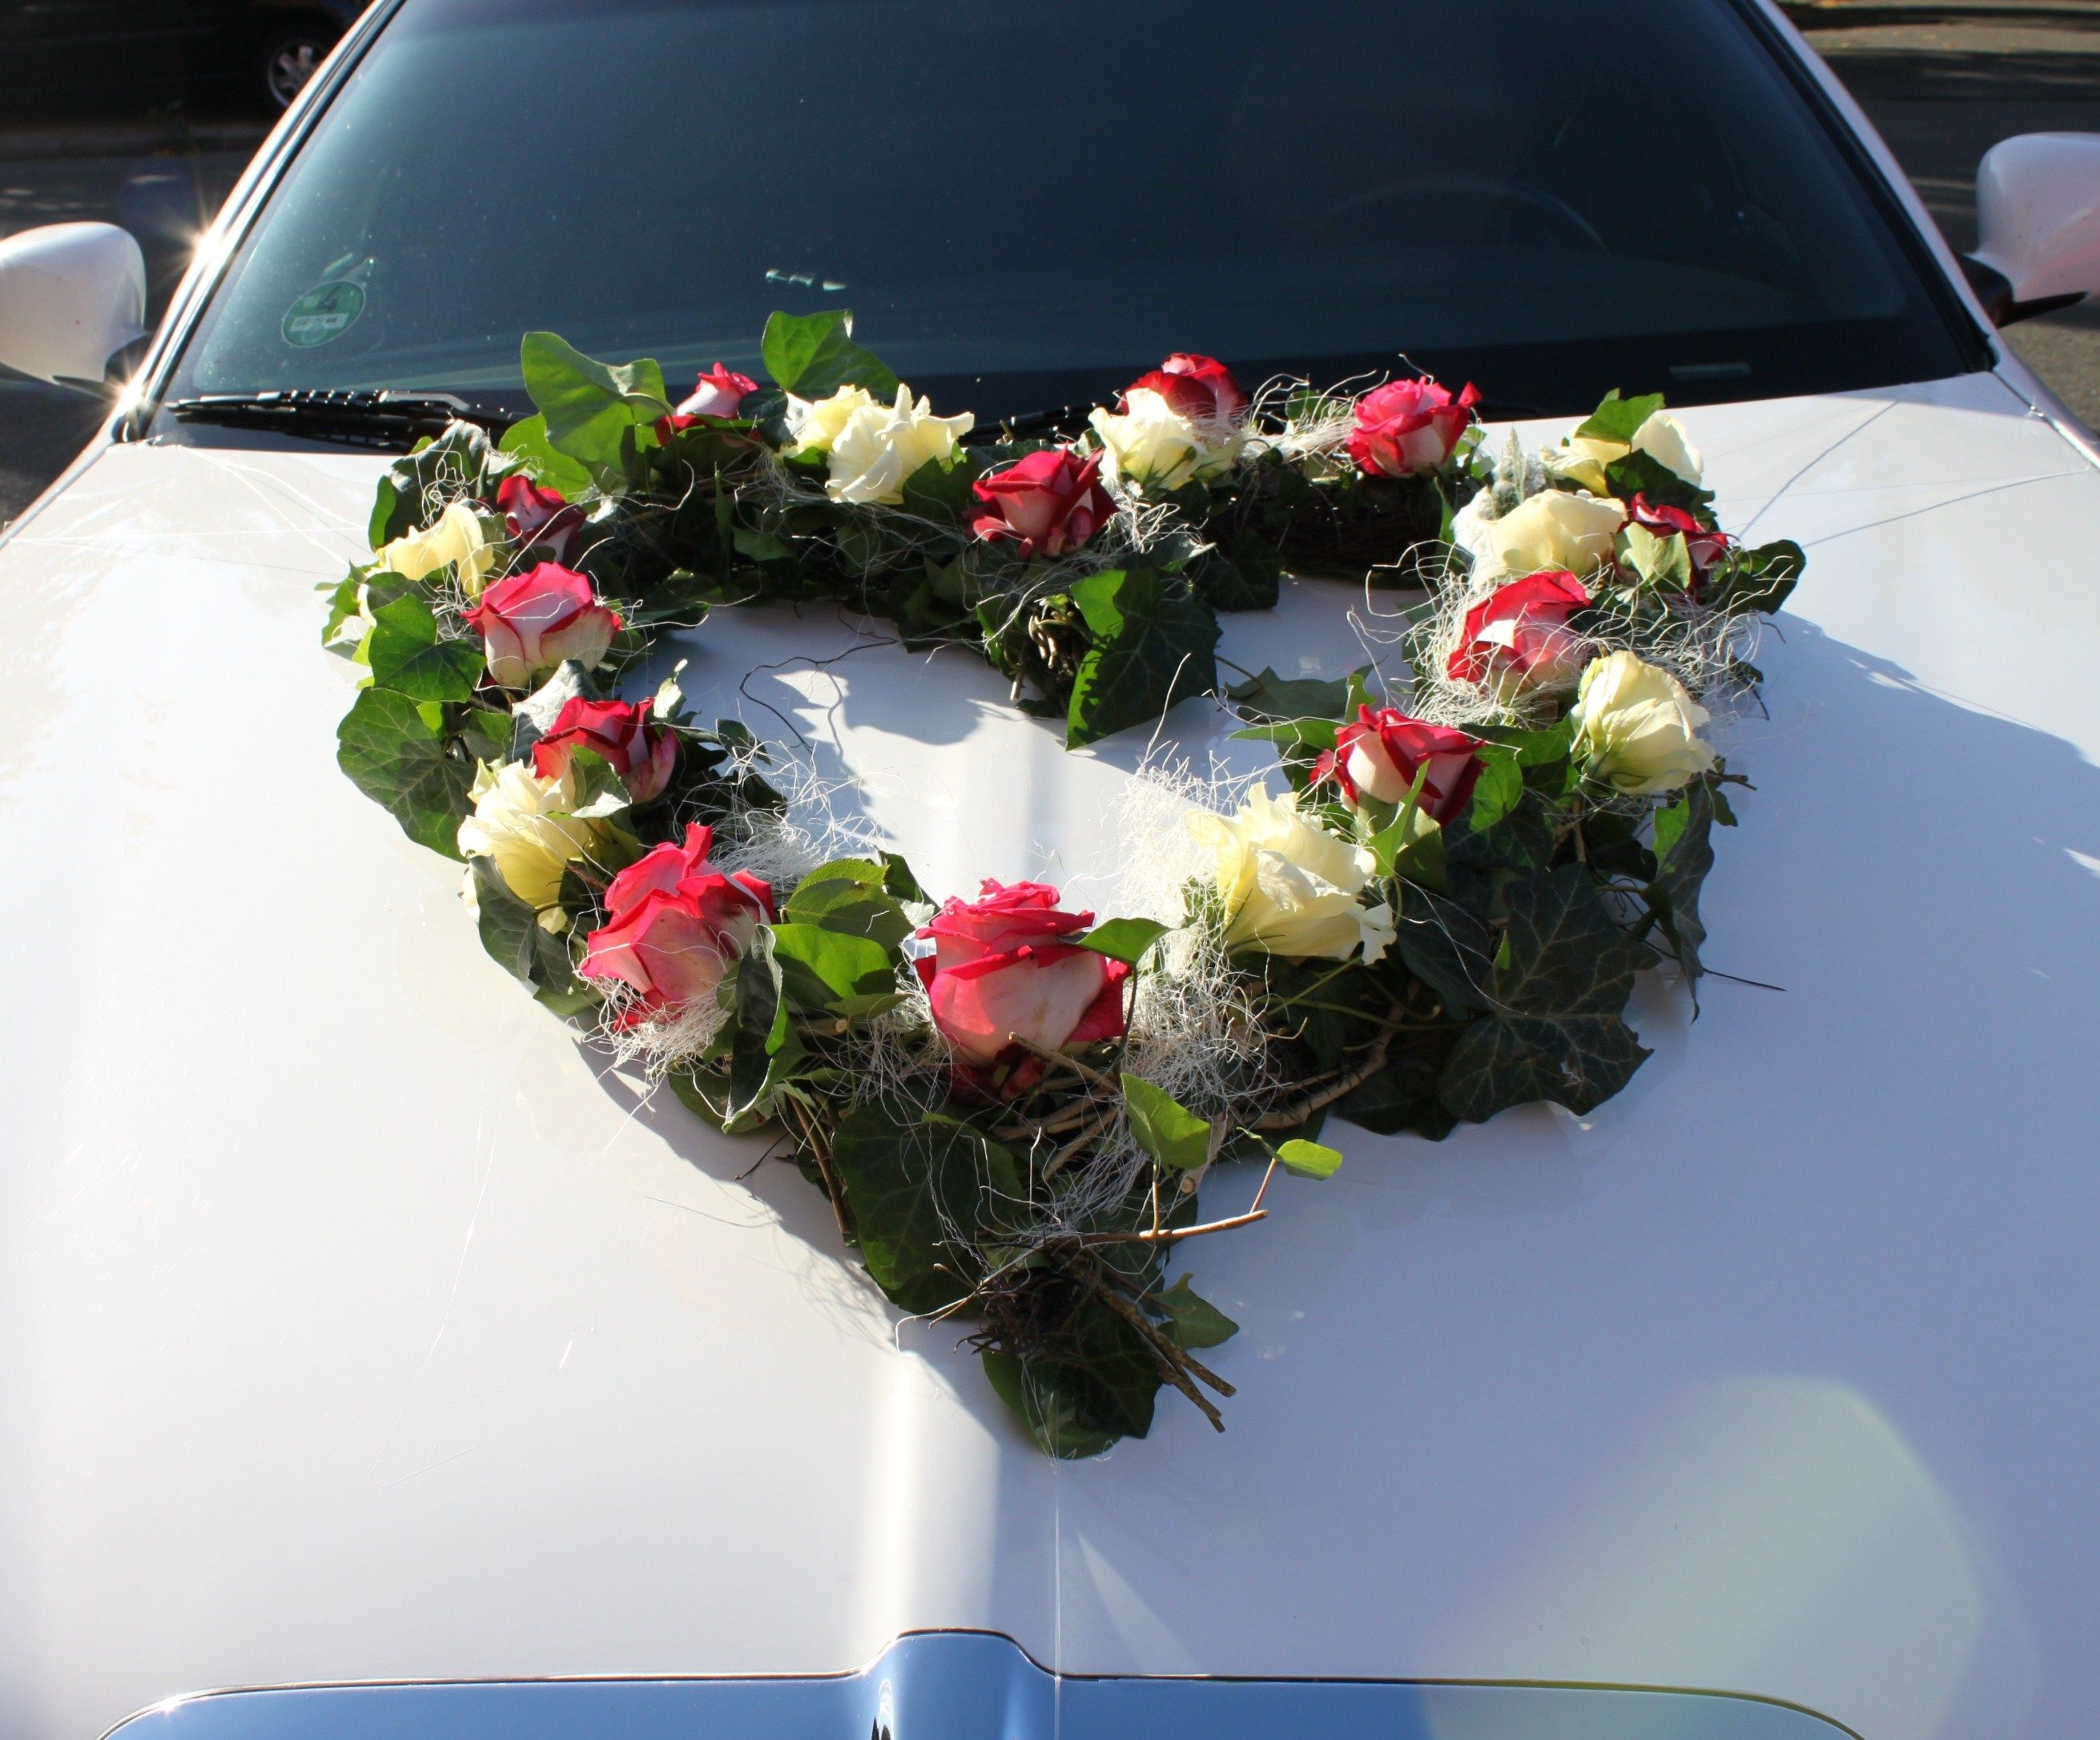 Wedding car flower decoration images  Großes Herz aus Blumen für die Hochzeit auf der Motorhaube in Wismar